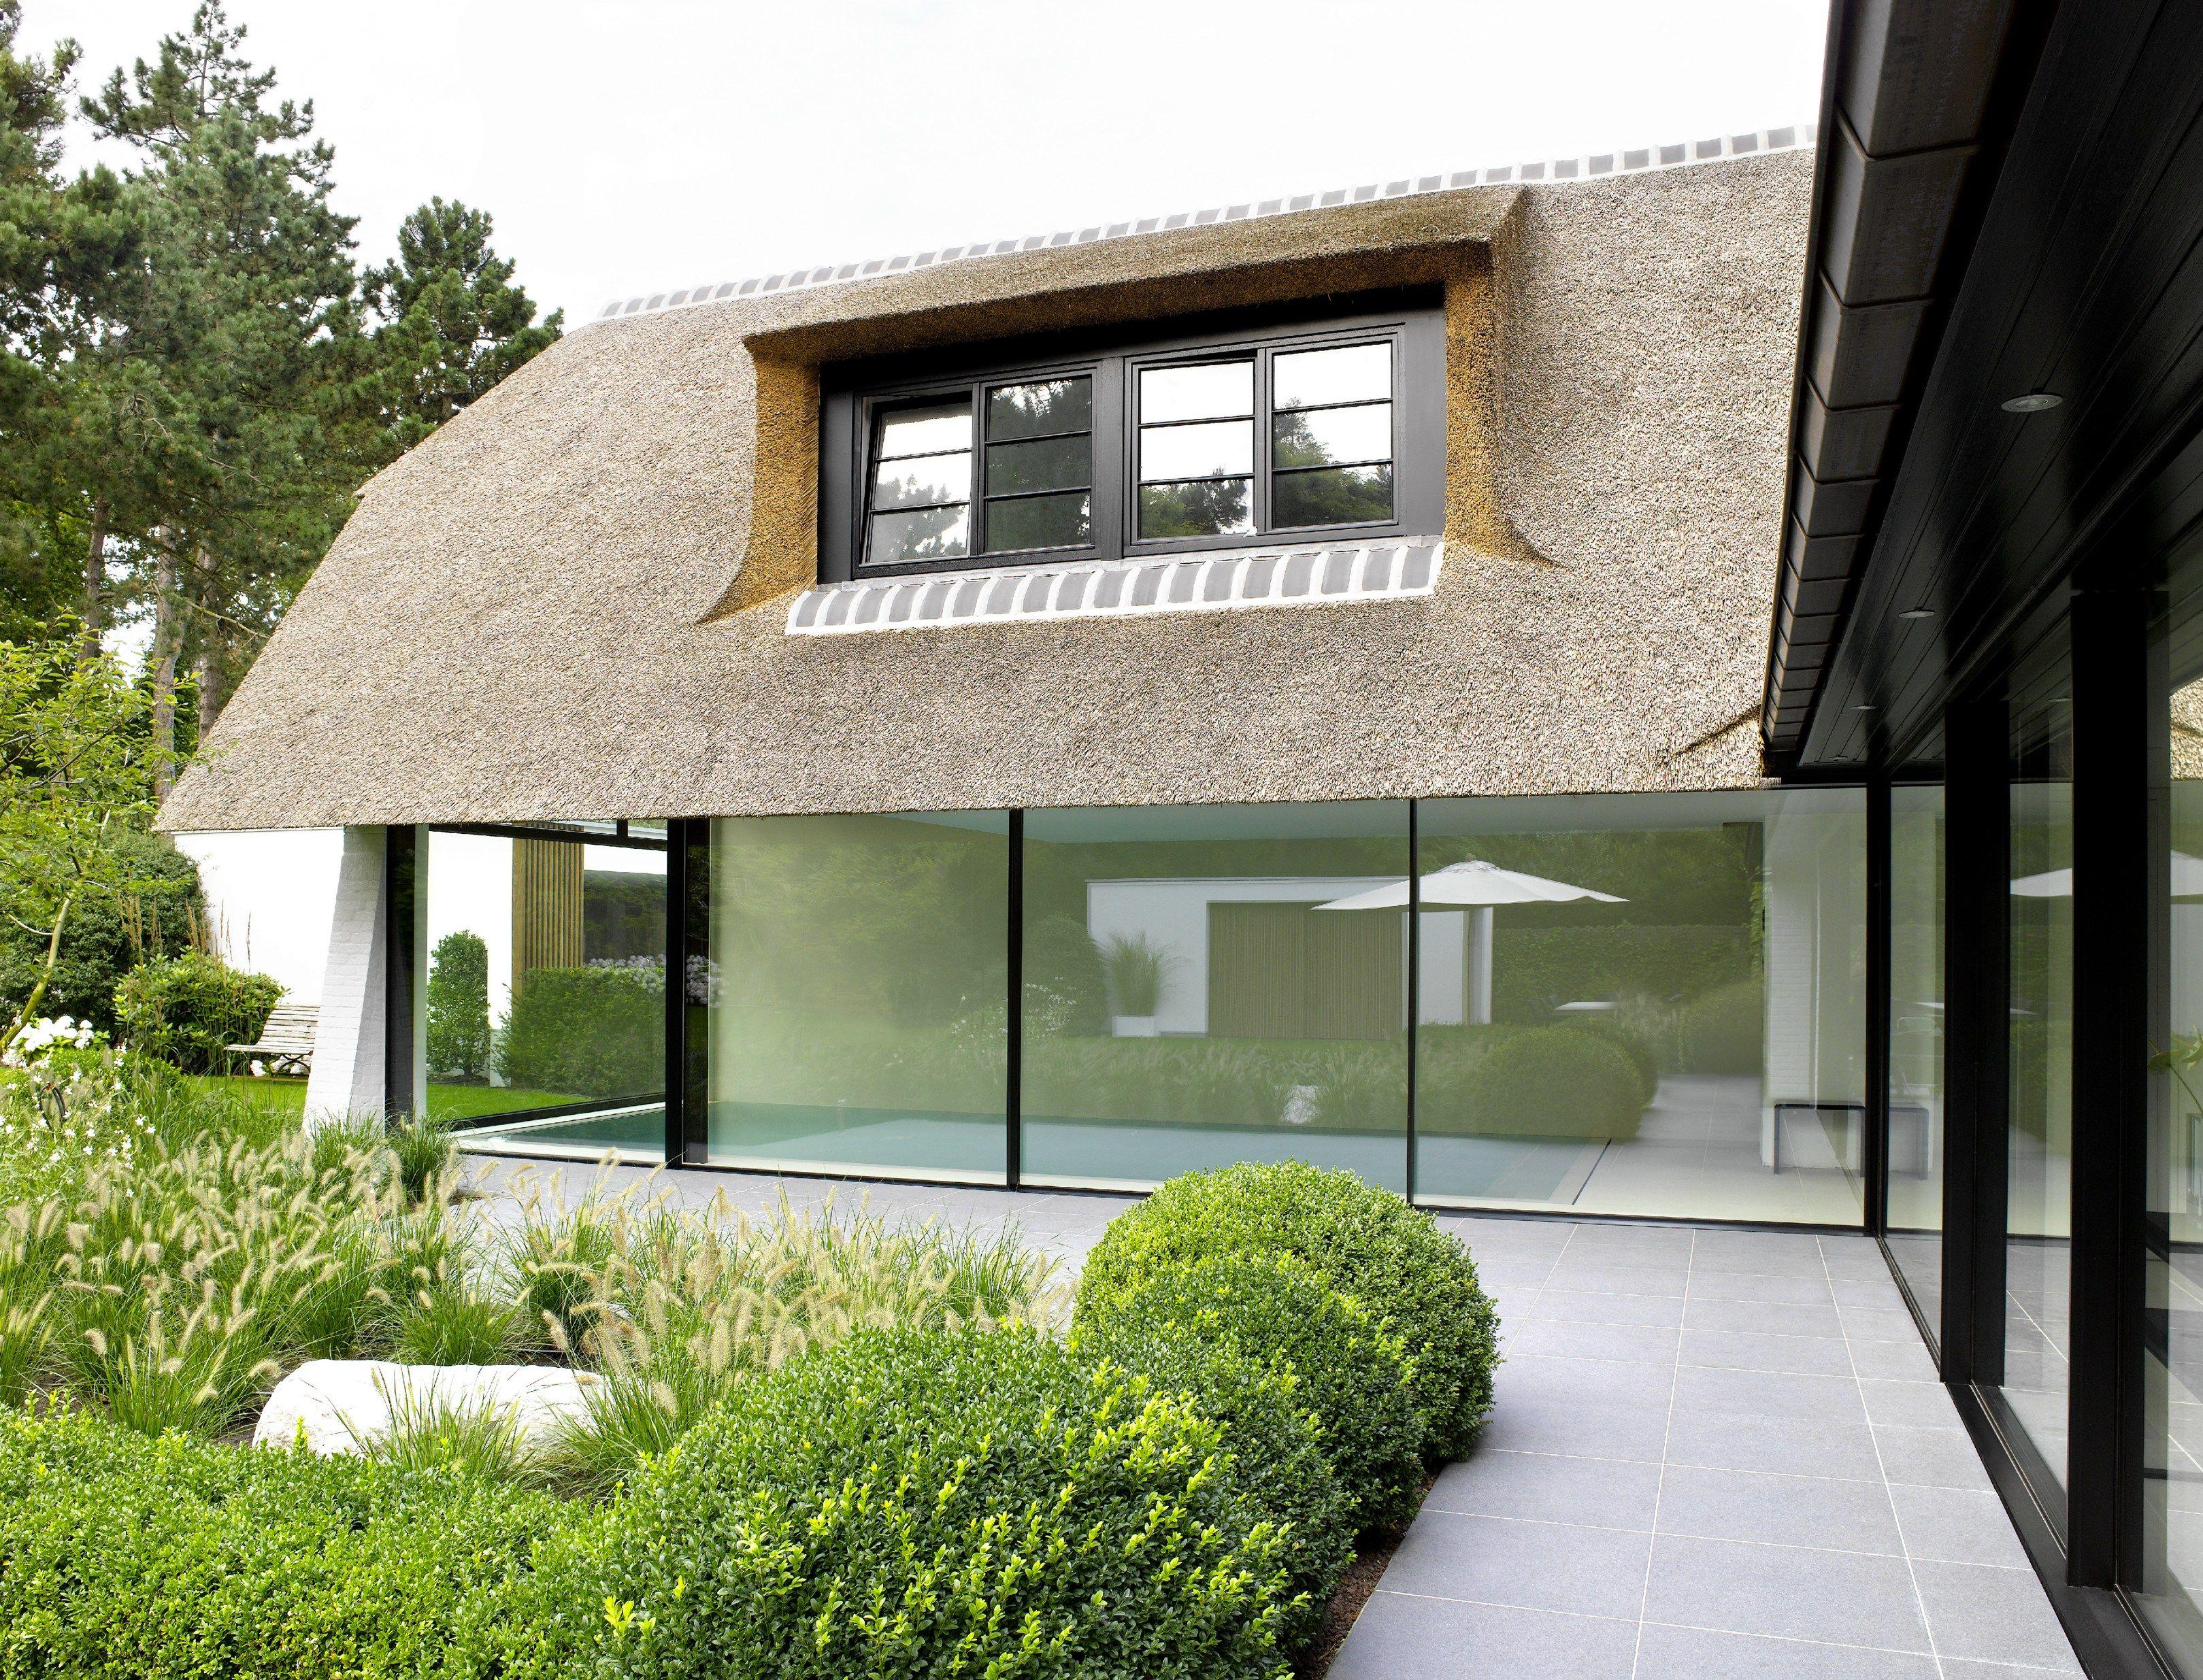 Fenªtre coulissante en aluminium KELLER minimal windows 4 by KELLER